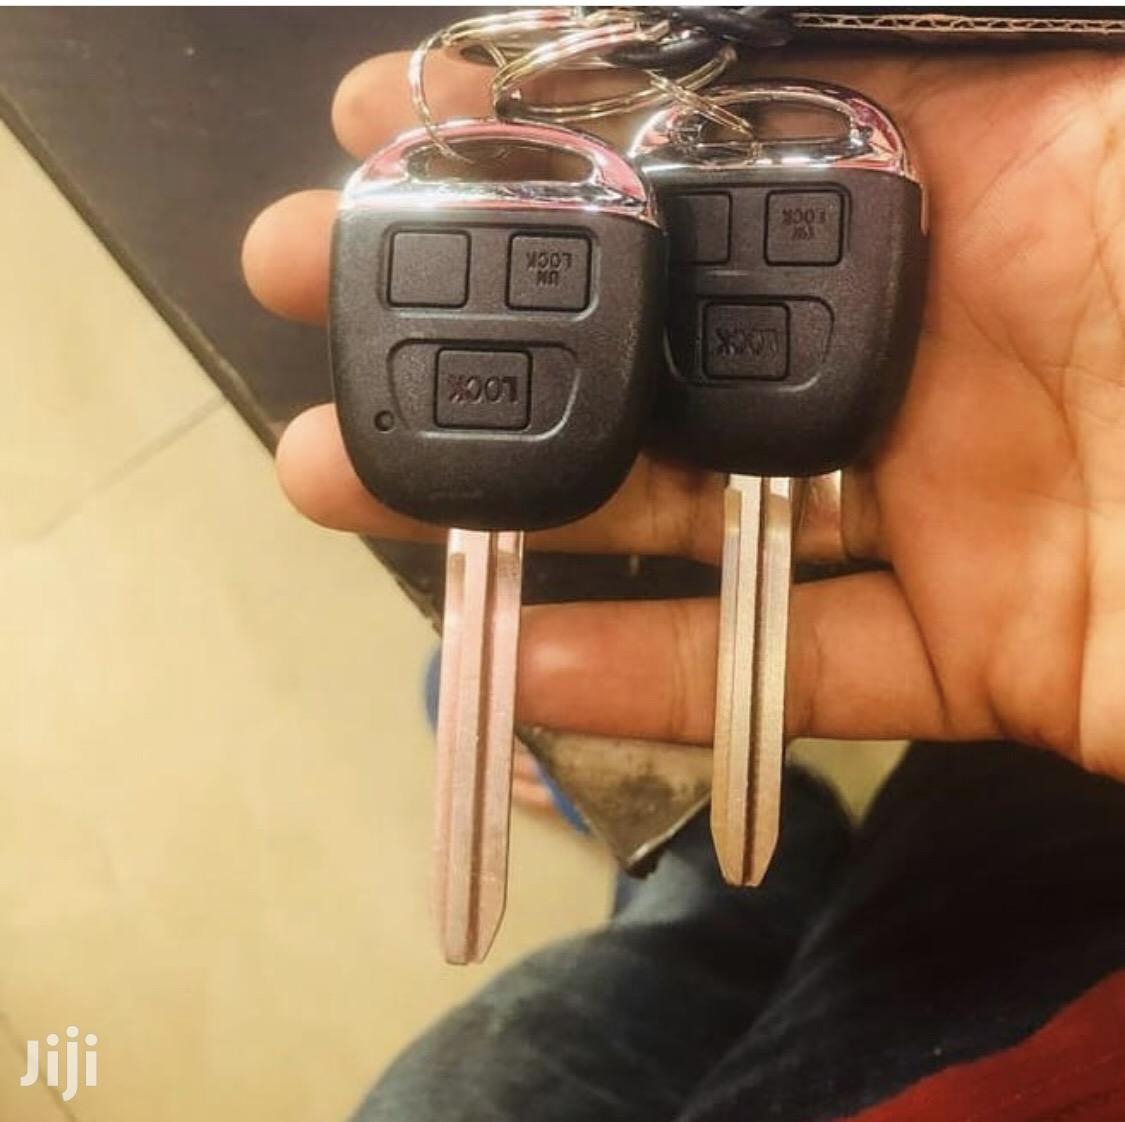 Chrome Straight Car Key With Alarm